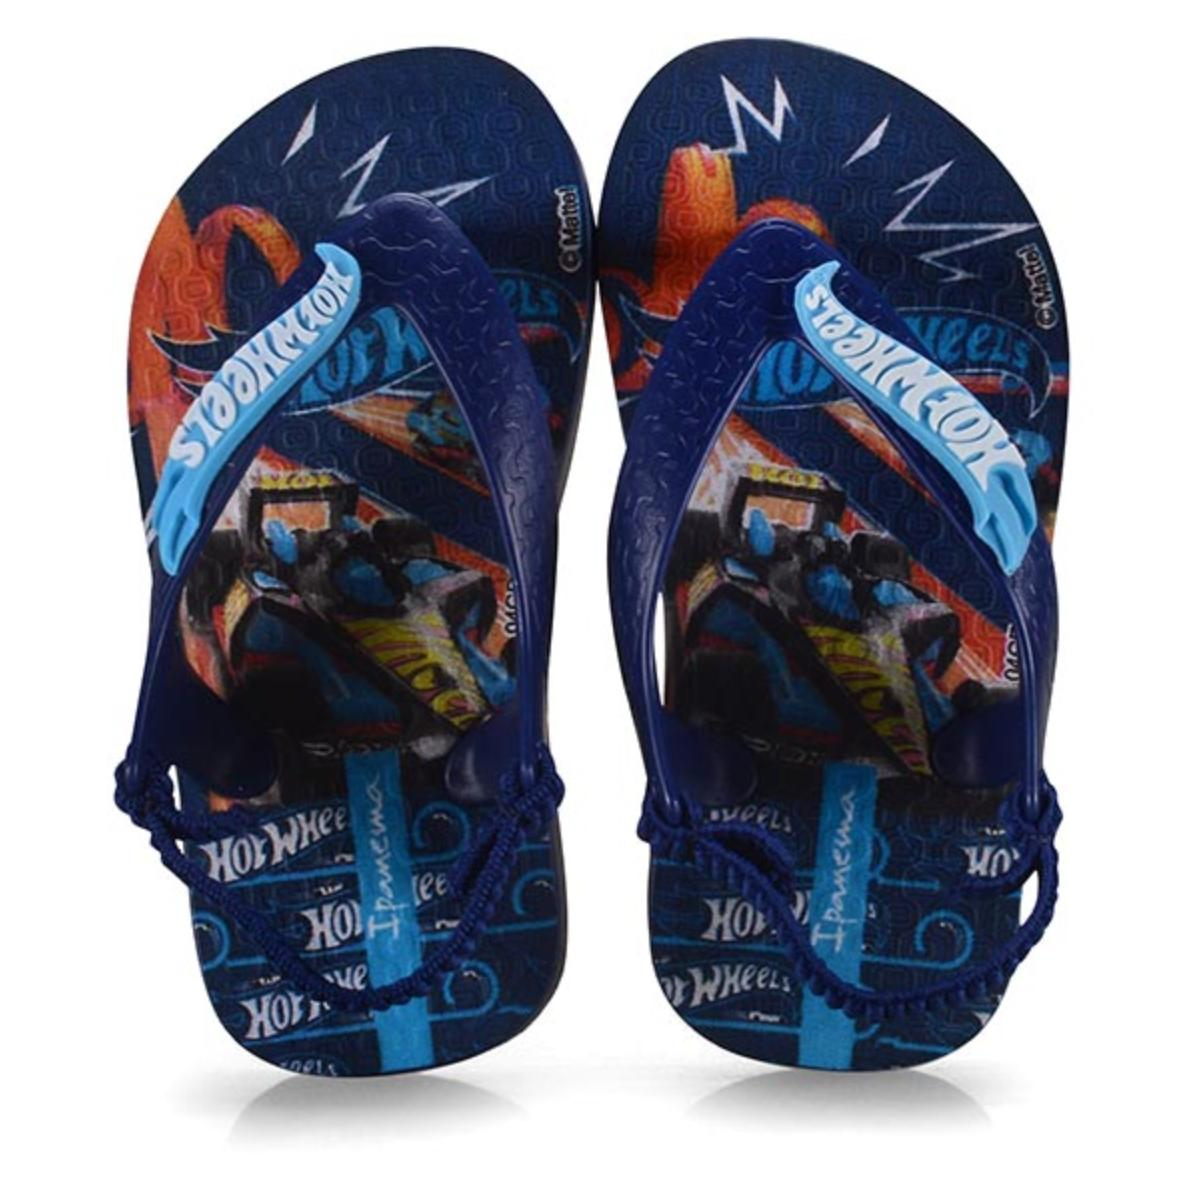 Chinelo Masc Infantil Grendene 26071 25037 Ipanema Hot Wheels Baby  Azul